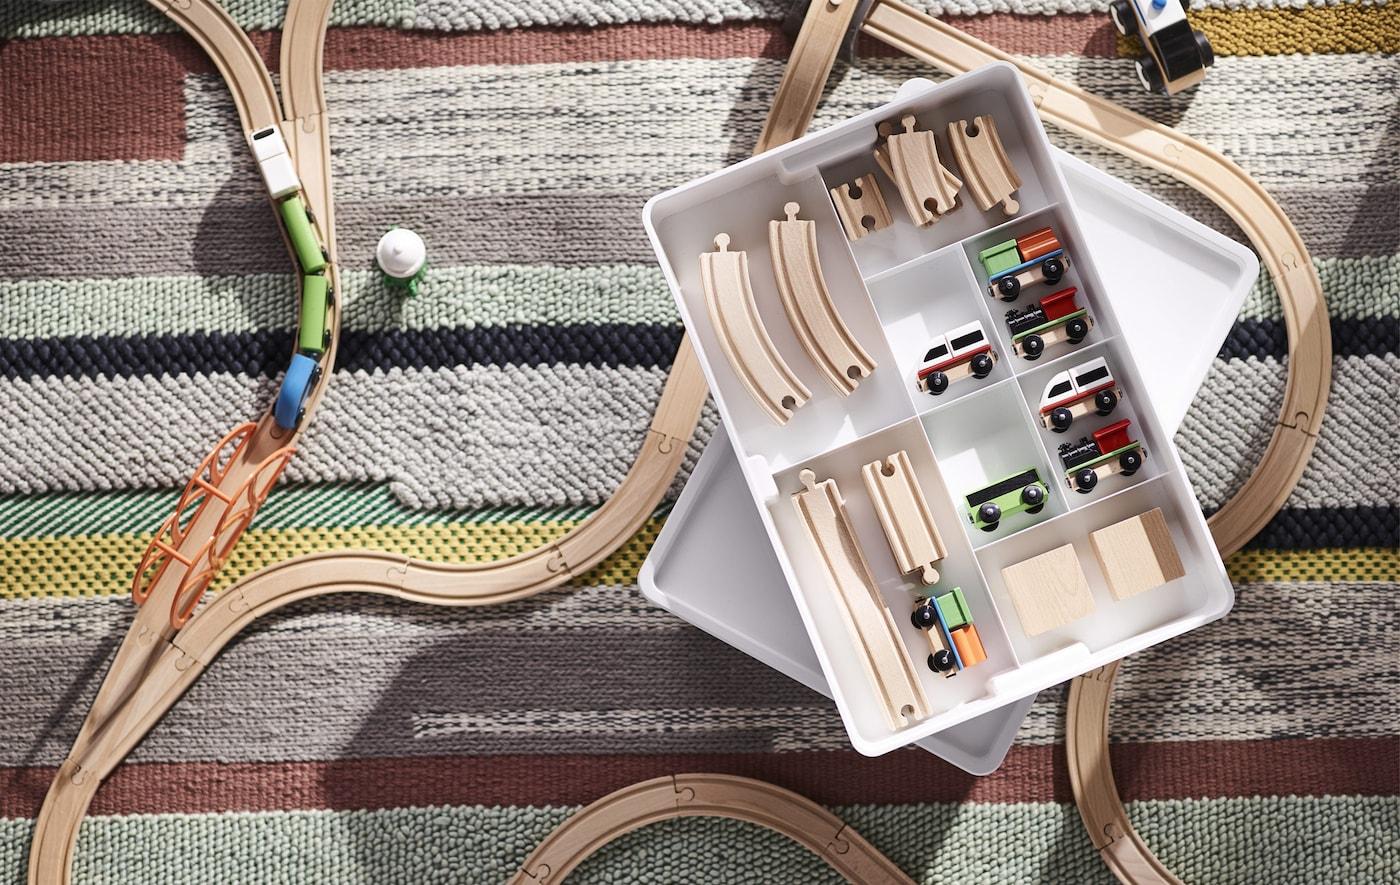 Un conjunto de trenes de madera sobre una alfombra de rayas con una caja de almacenaje blanca.